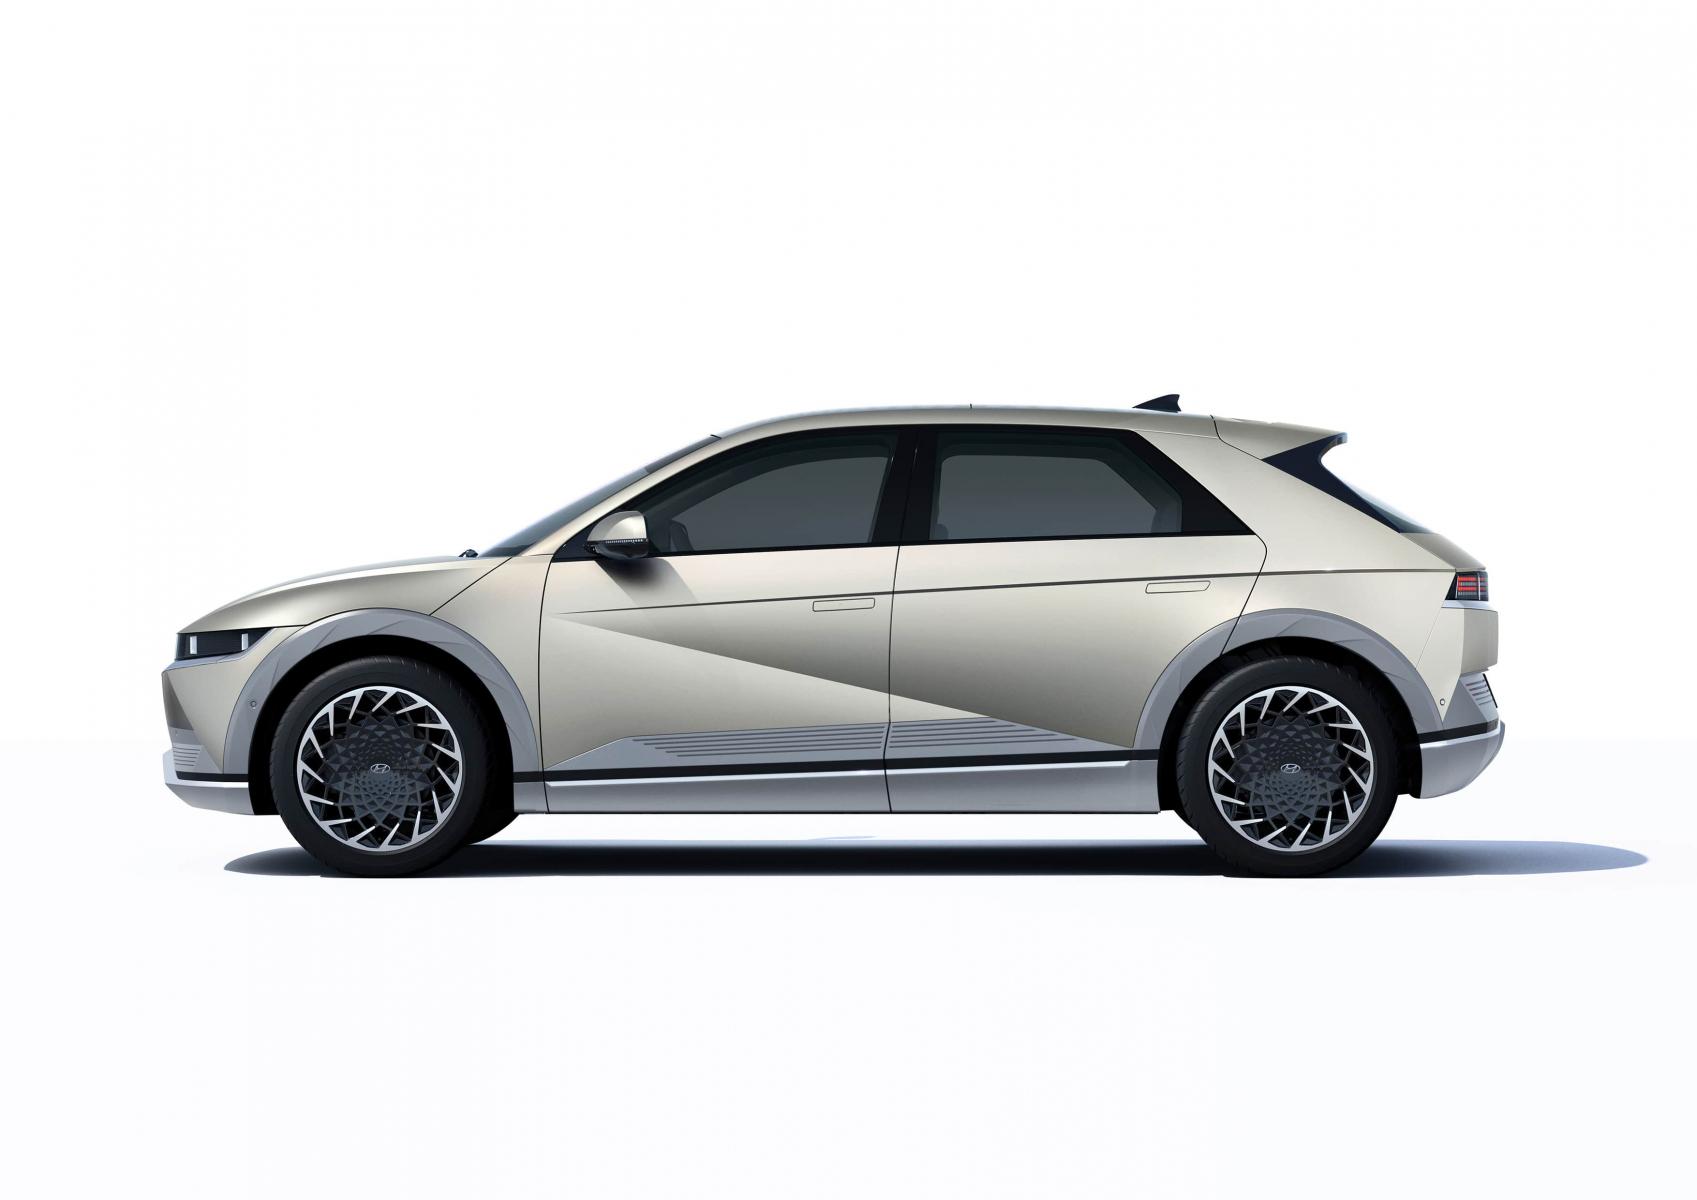 Hyundai IONIQ 5 переосмислює спосіб життя з електричною мобільністю   Автопалац Тернопіль - фото 12